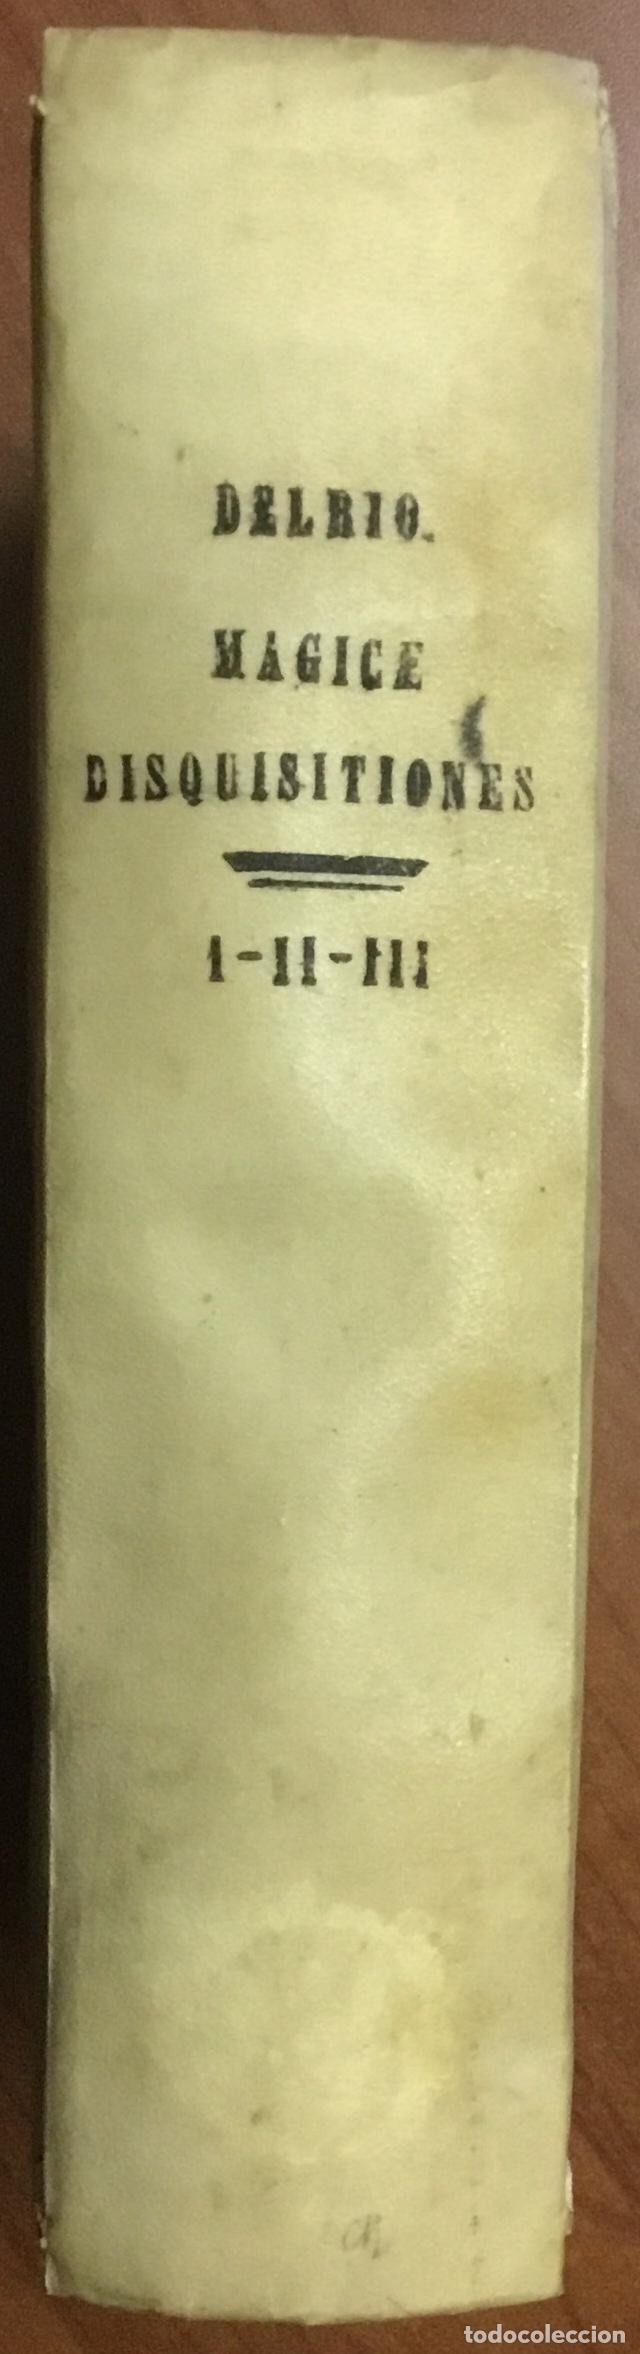 Libros antiguos: DISQUISITIONUM MAGICARUM LIBRI SEX. In tres tomos partiti. Tomus primus nunc secundis curis auctior - Foto 6 - 109022018